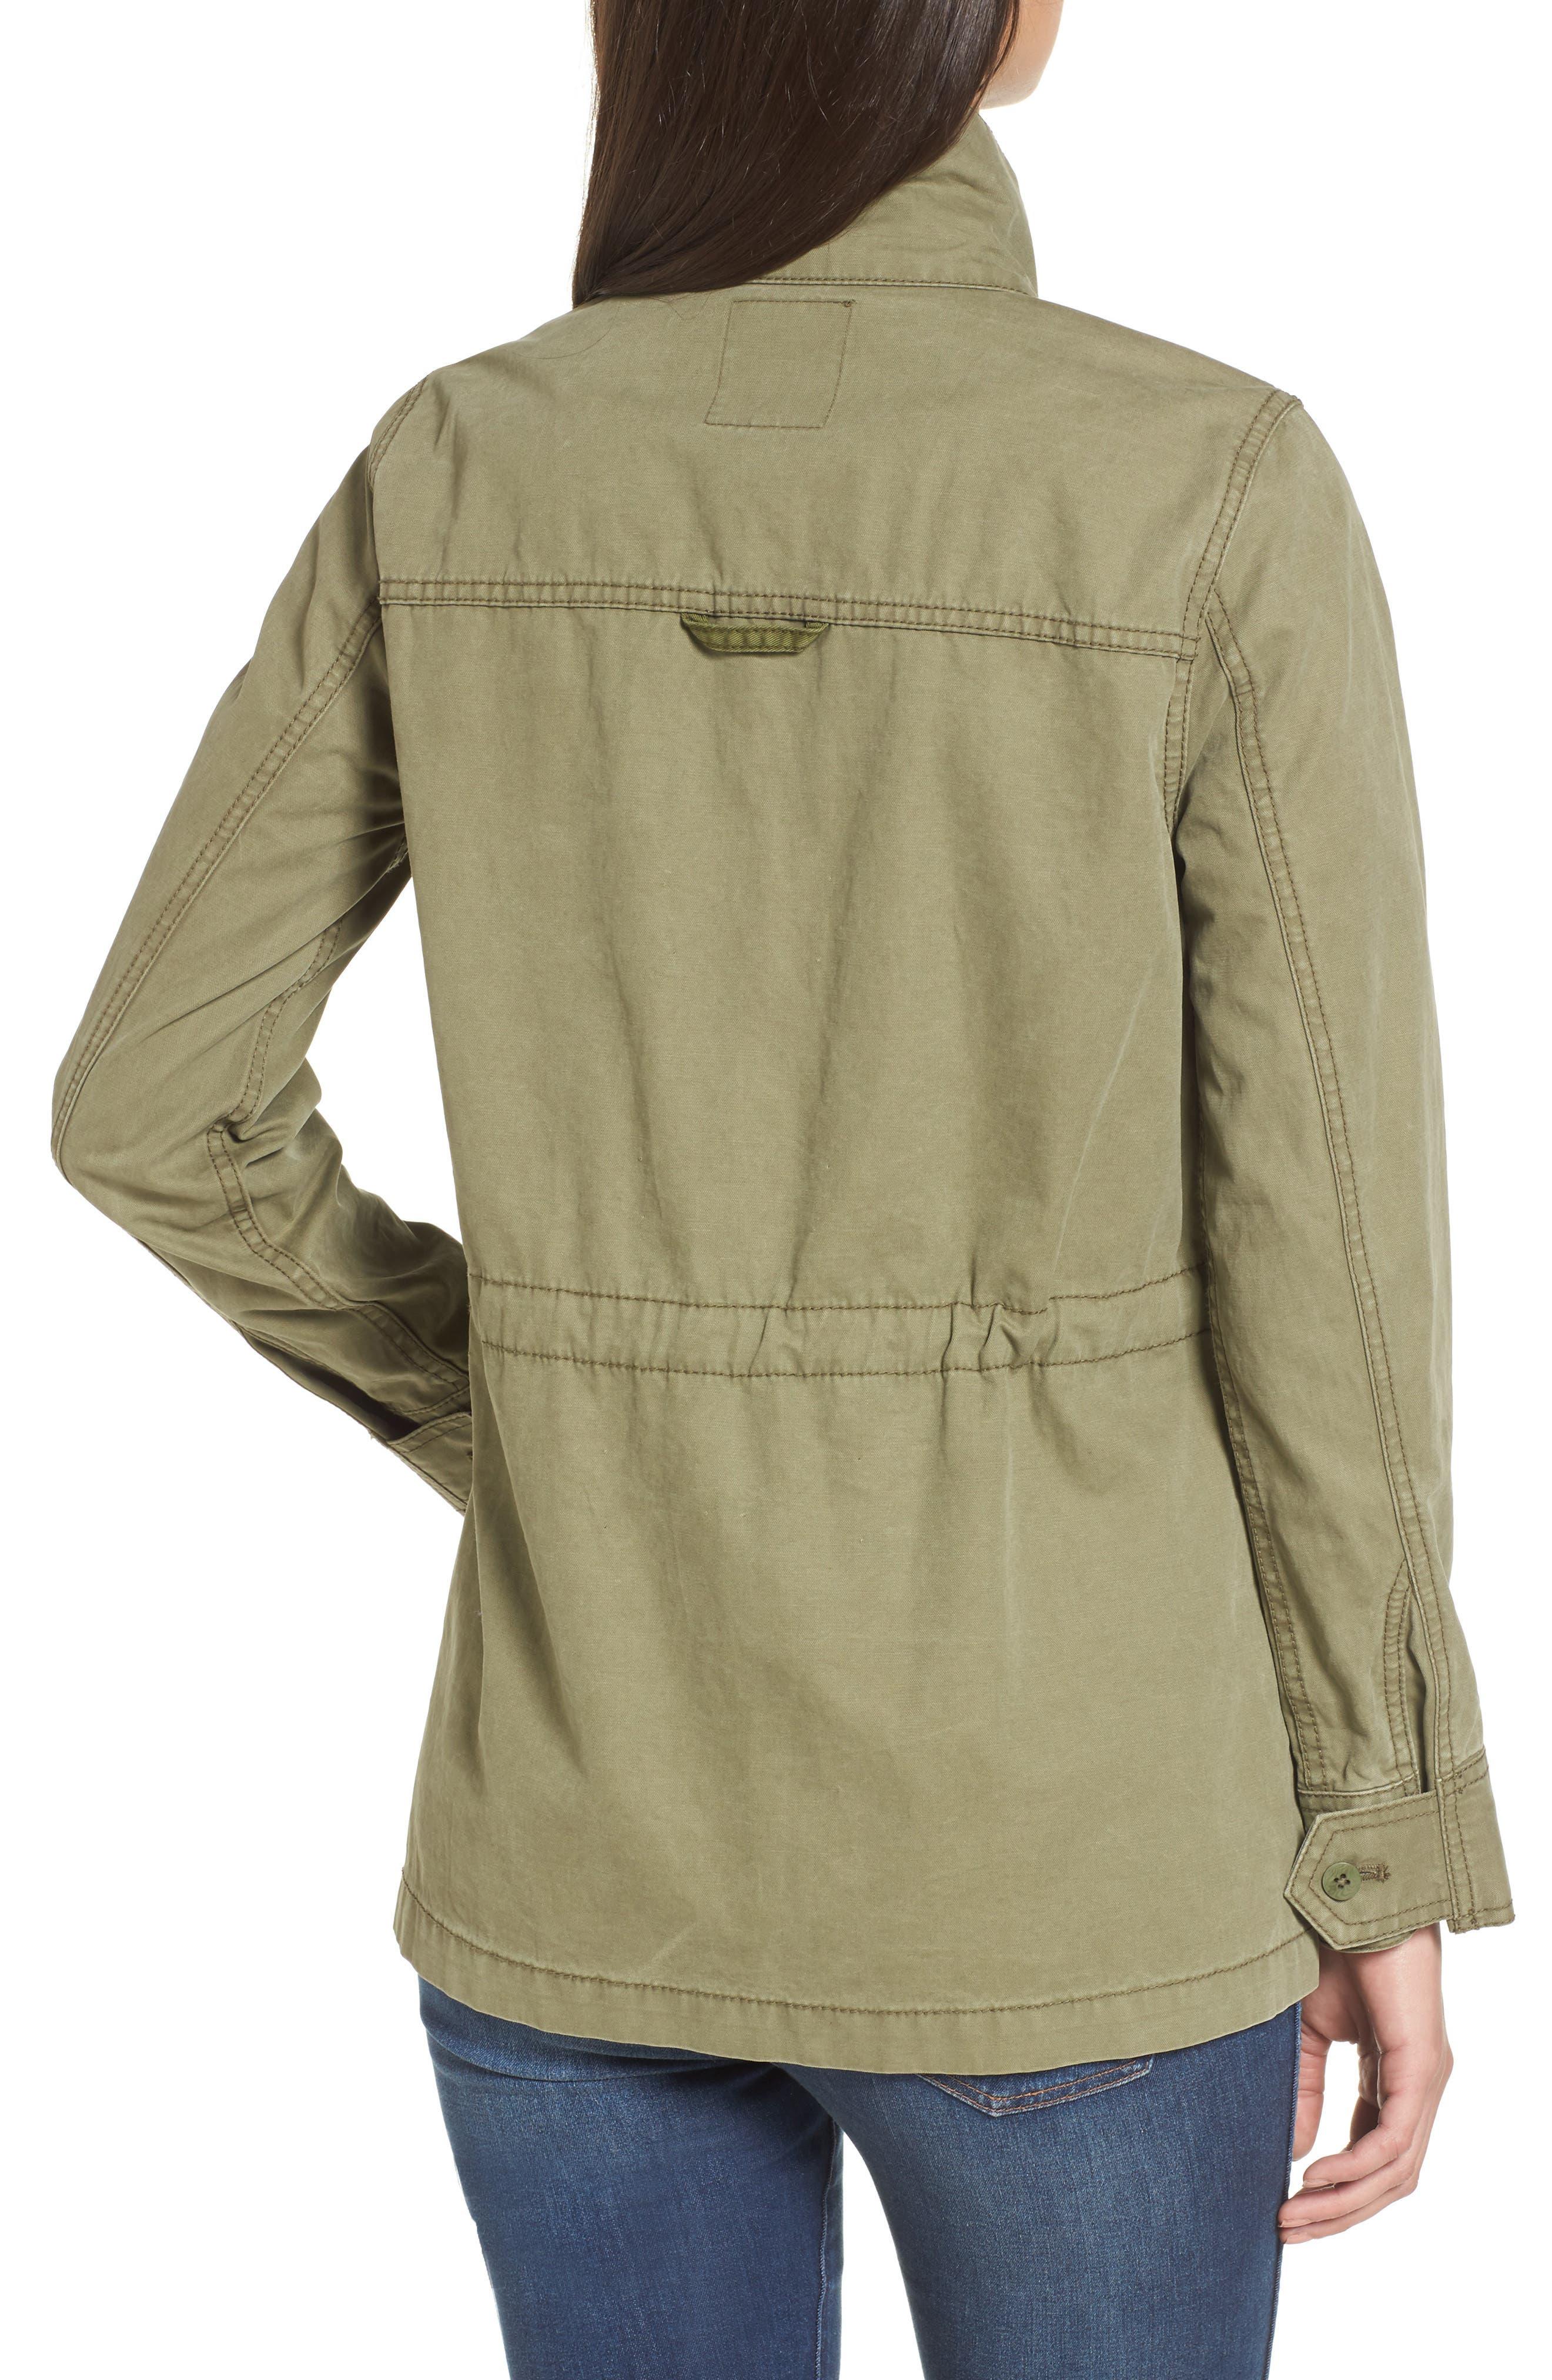 Catskills Jacket,                             Alternate thumbnail 3, color,                             Military Surplus